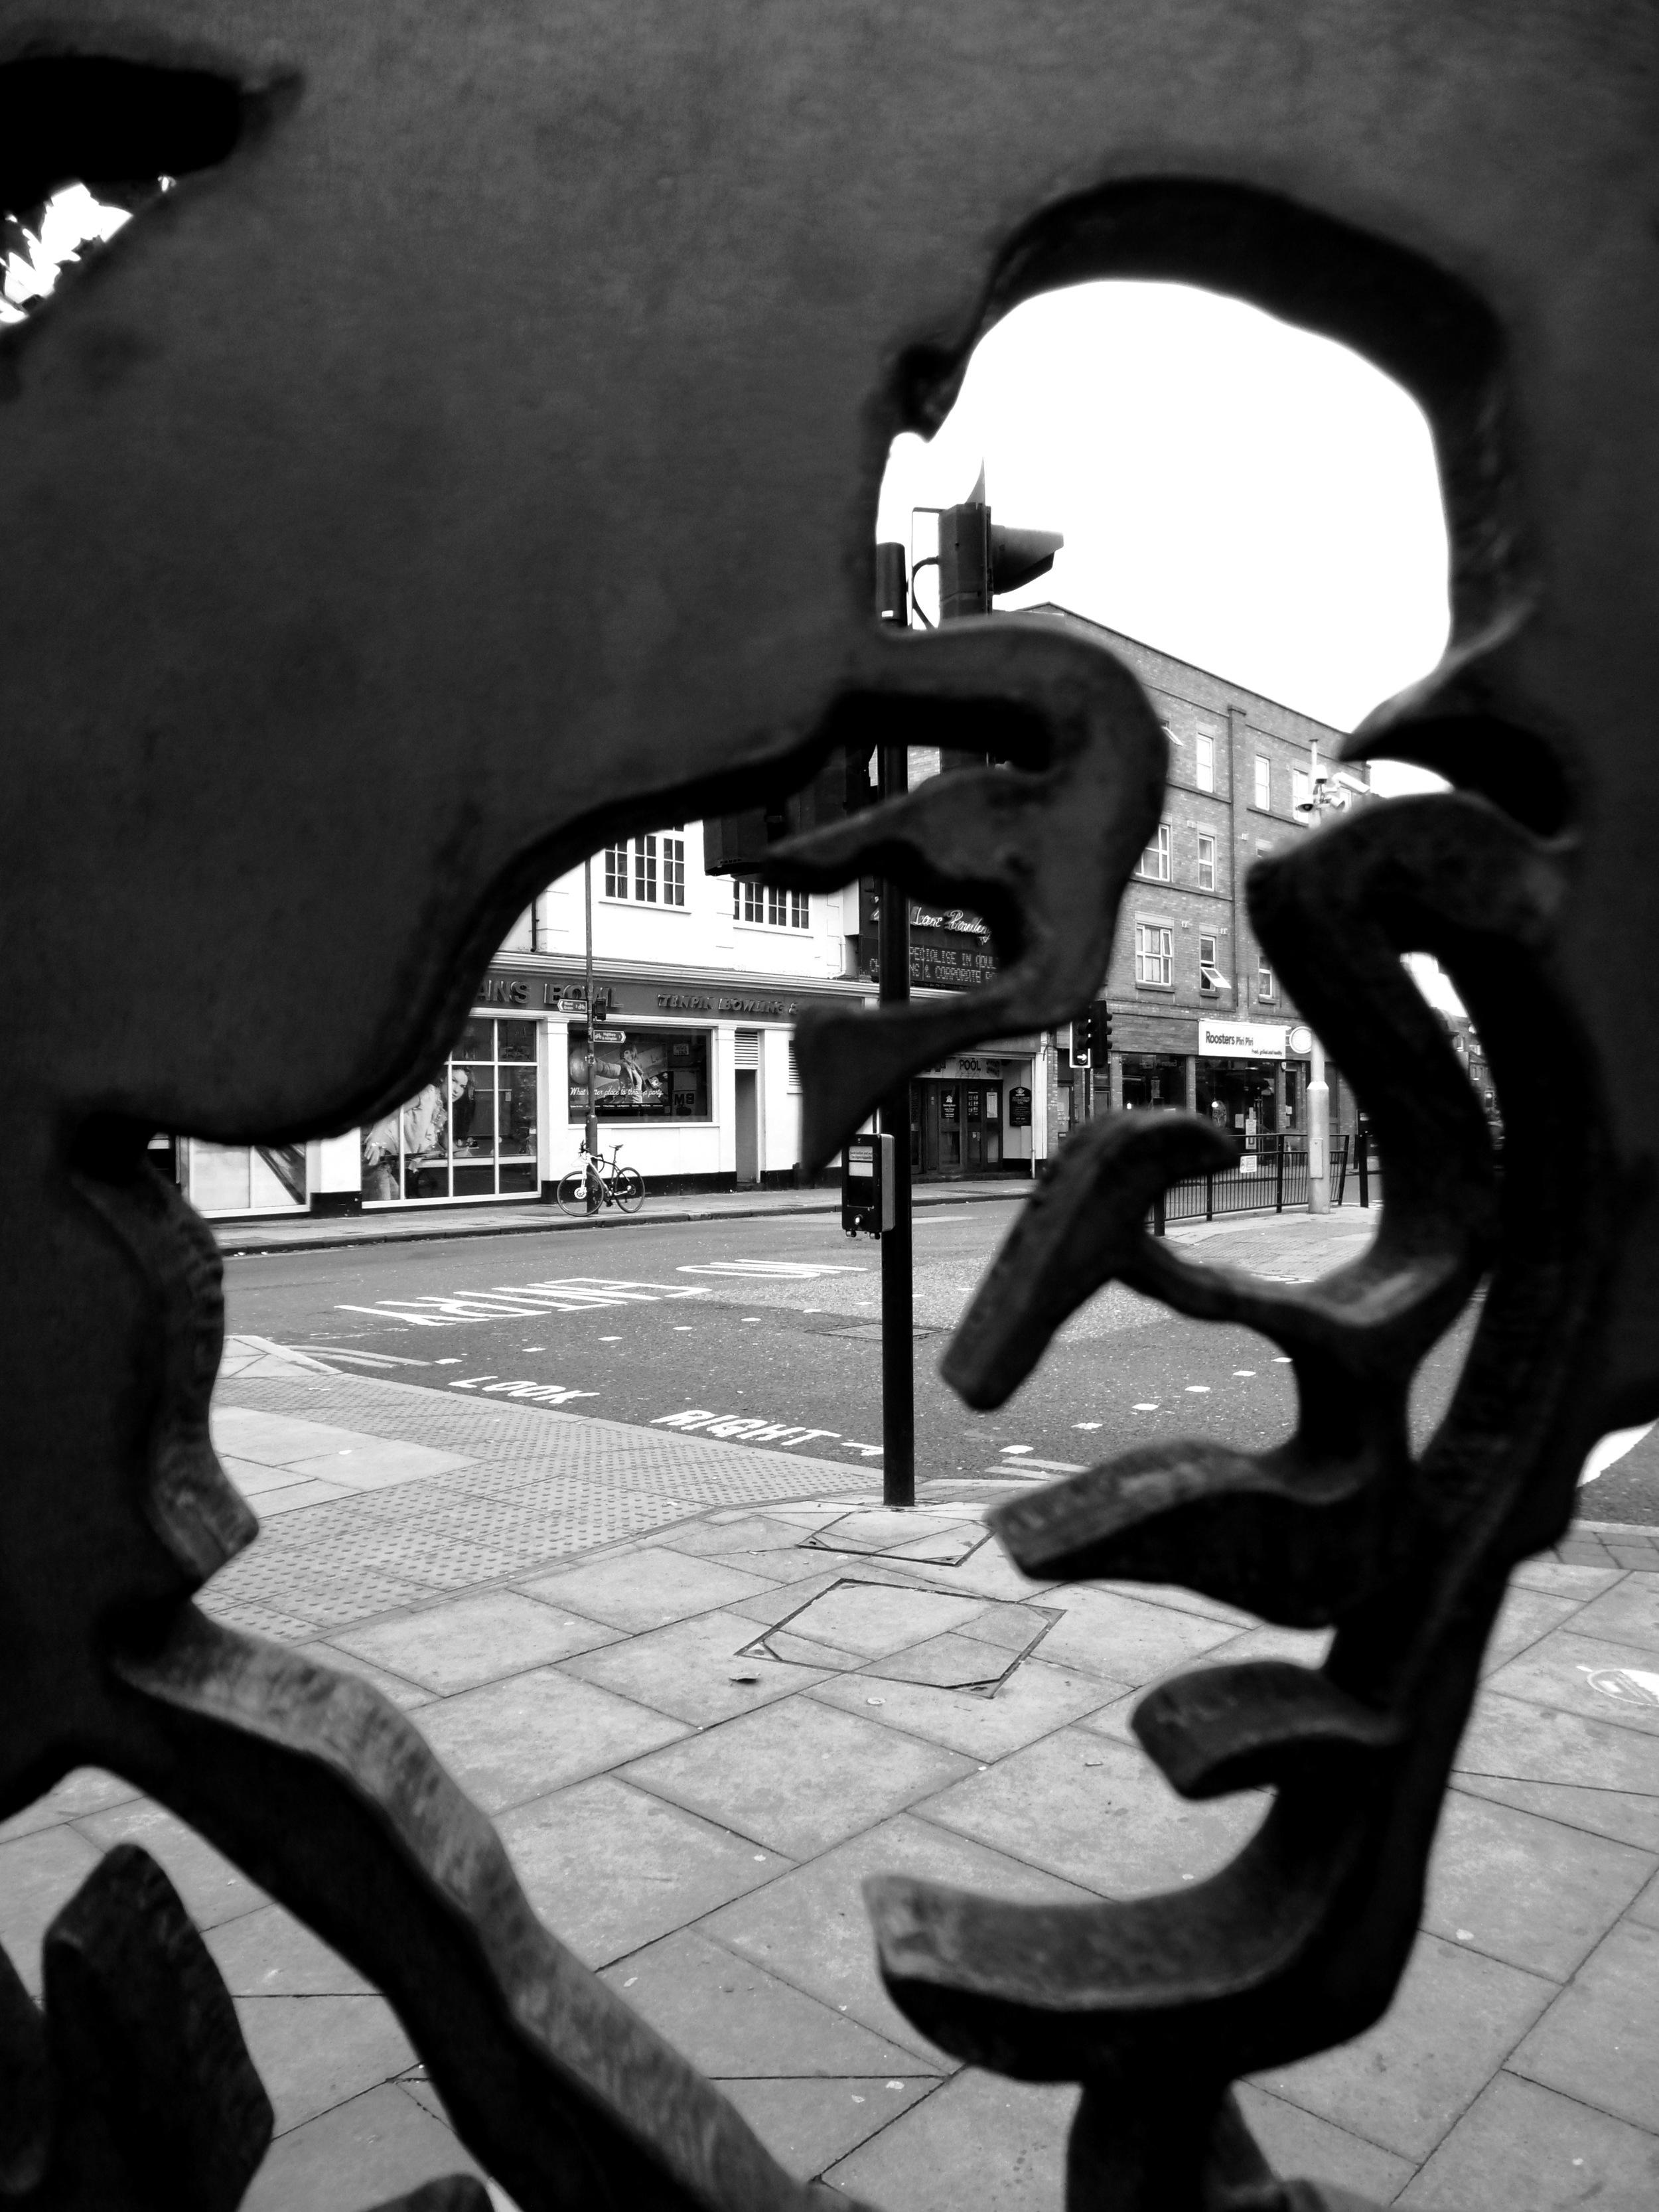 finsbury park (1).JPG